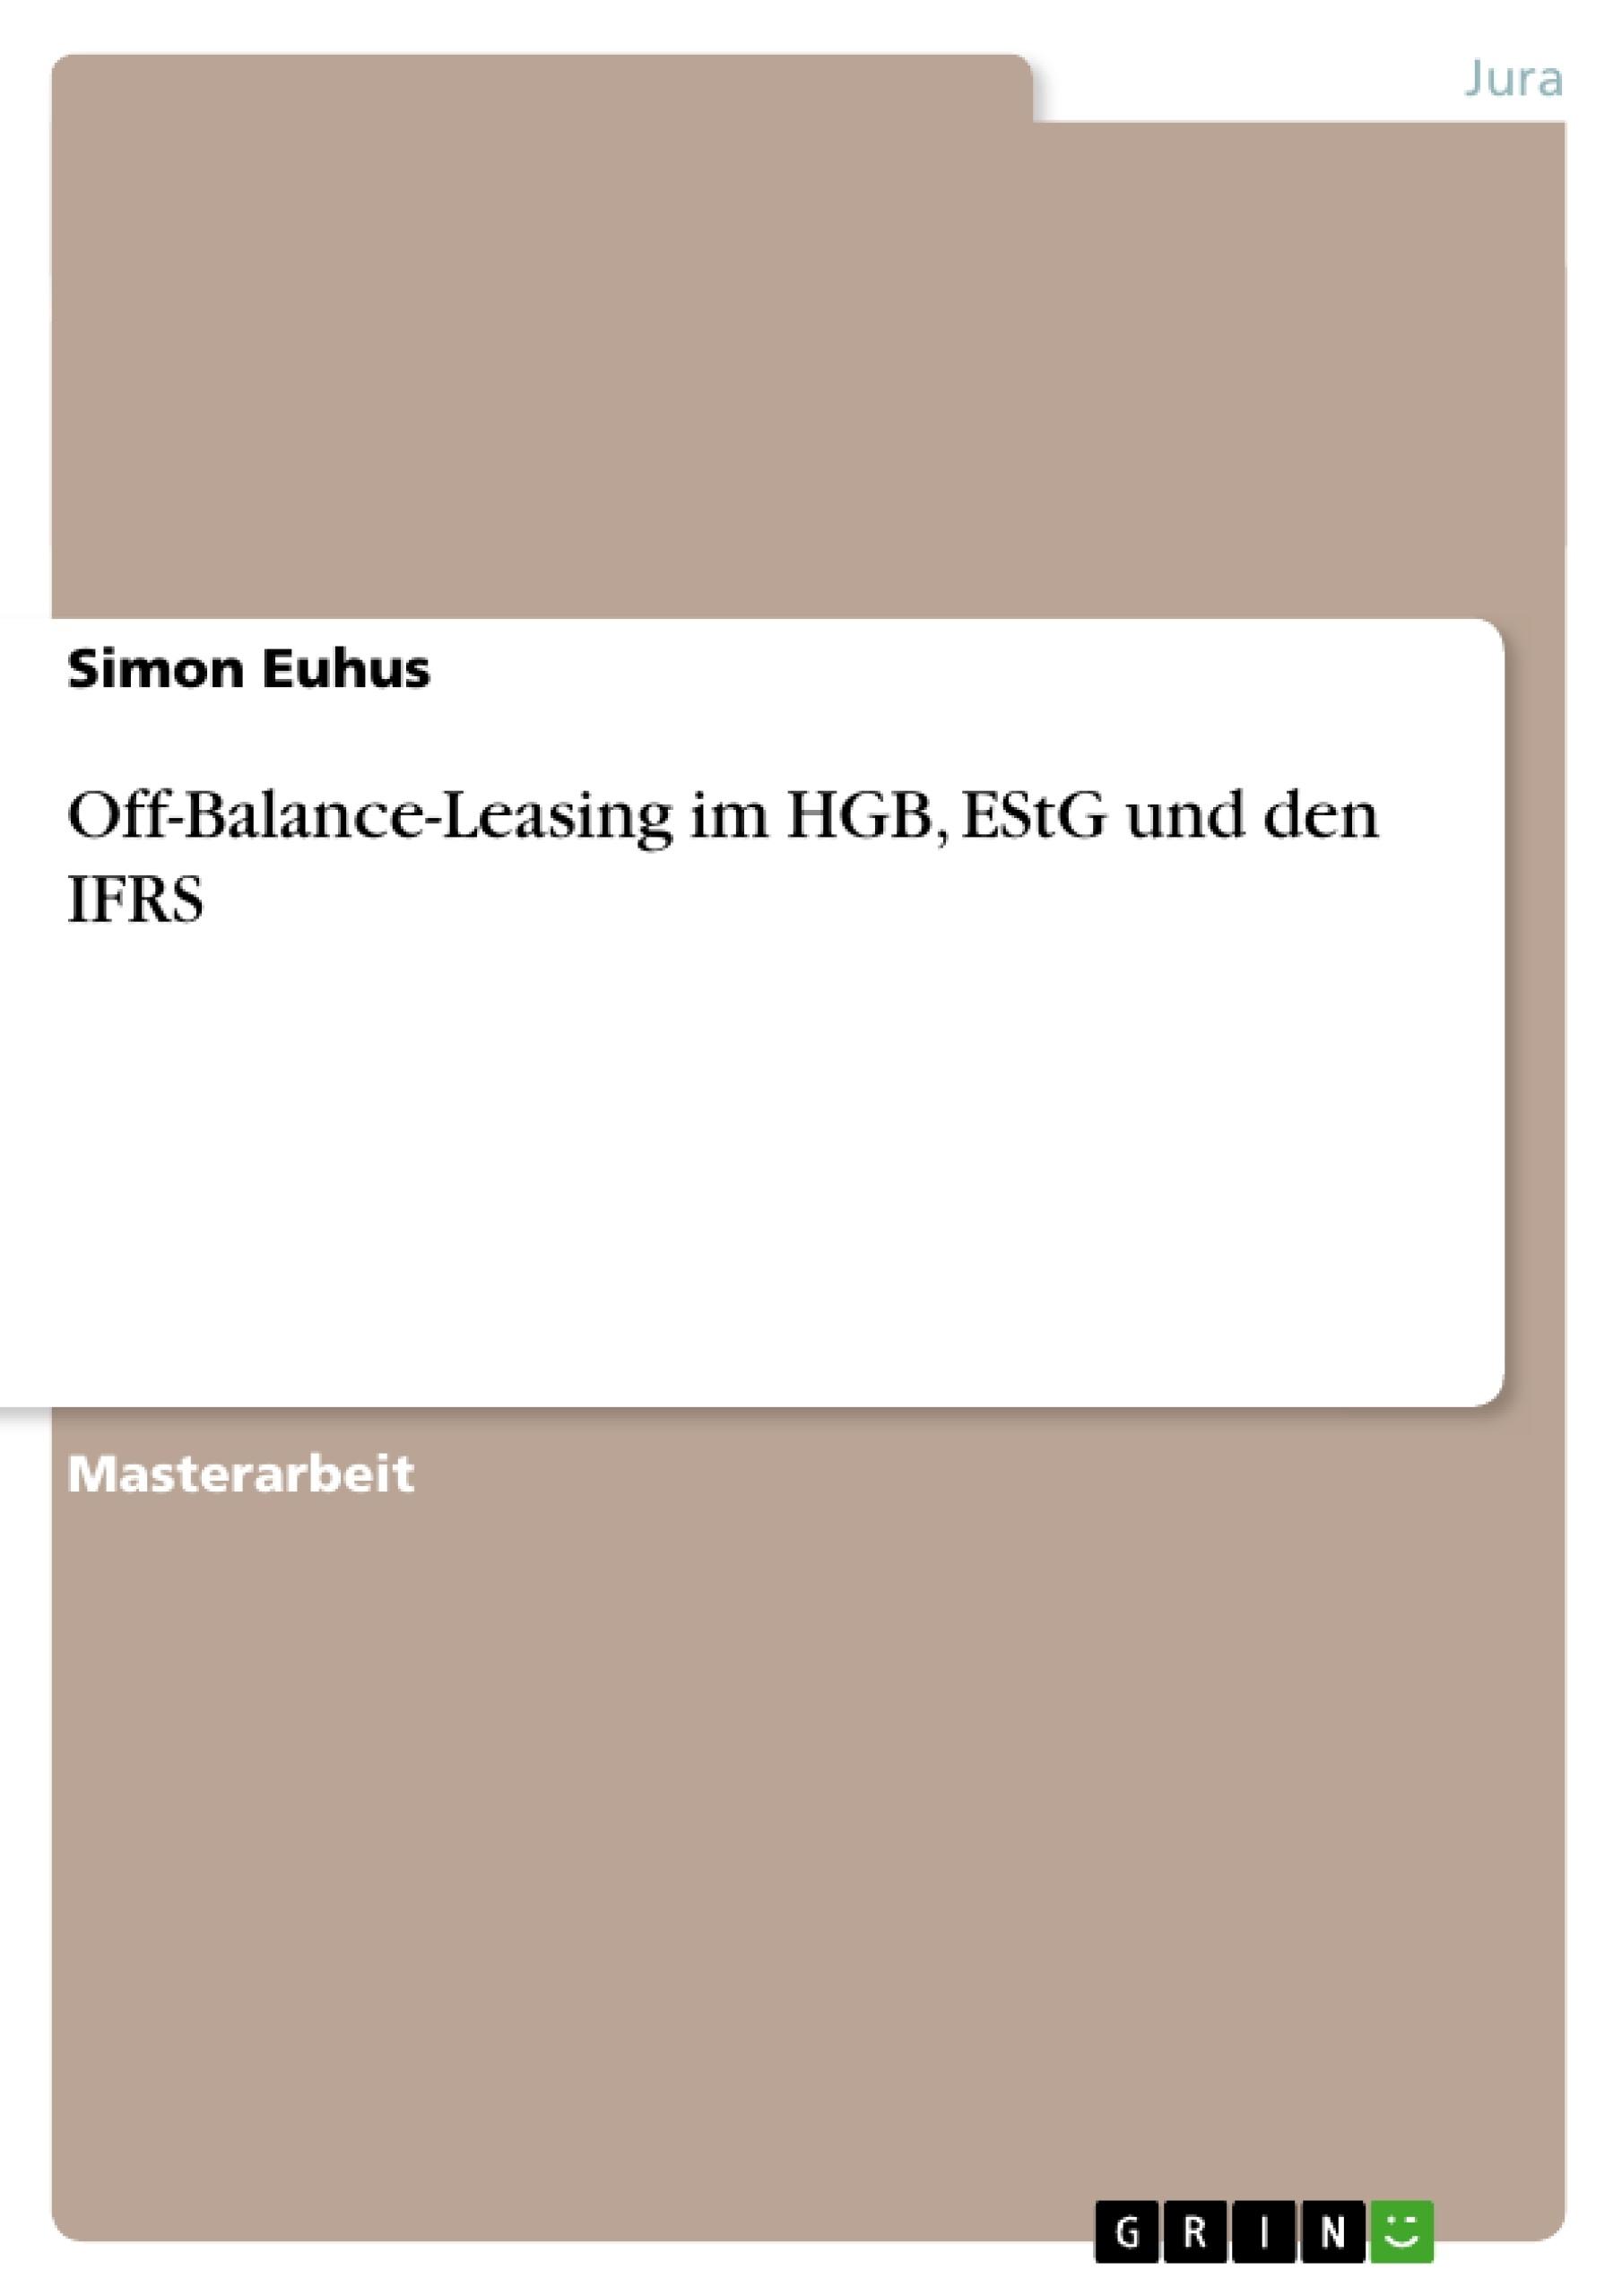 Titel: Off-Balance-Leasing im HGB, EStG und den IFRS